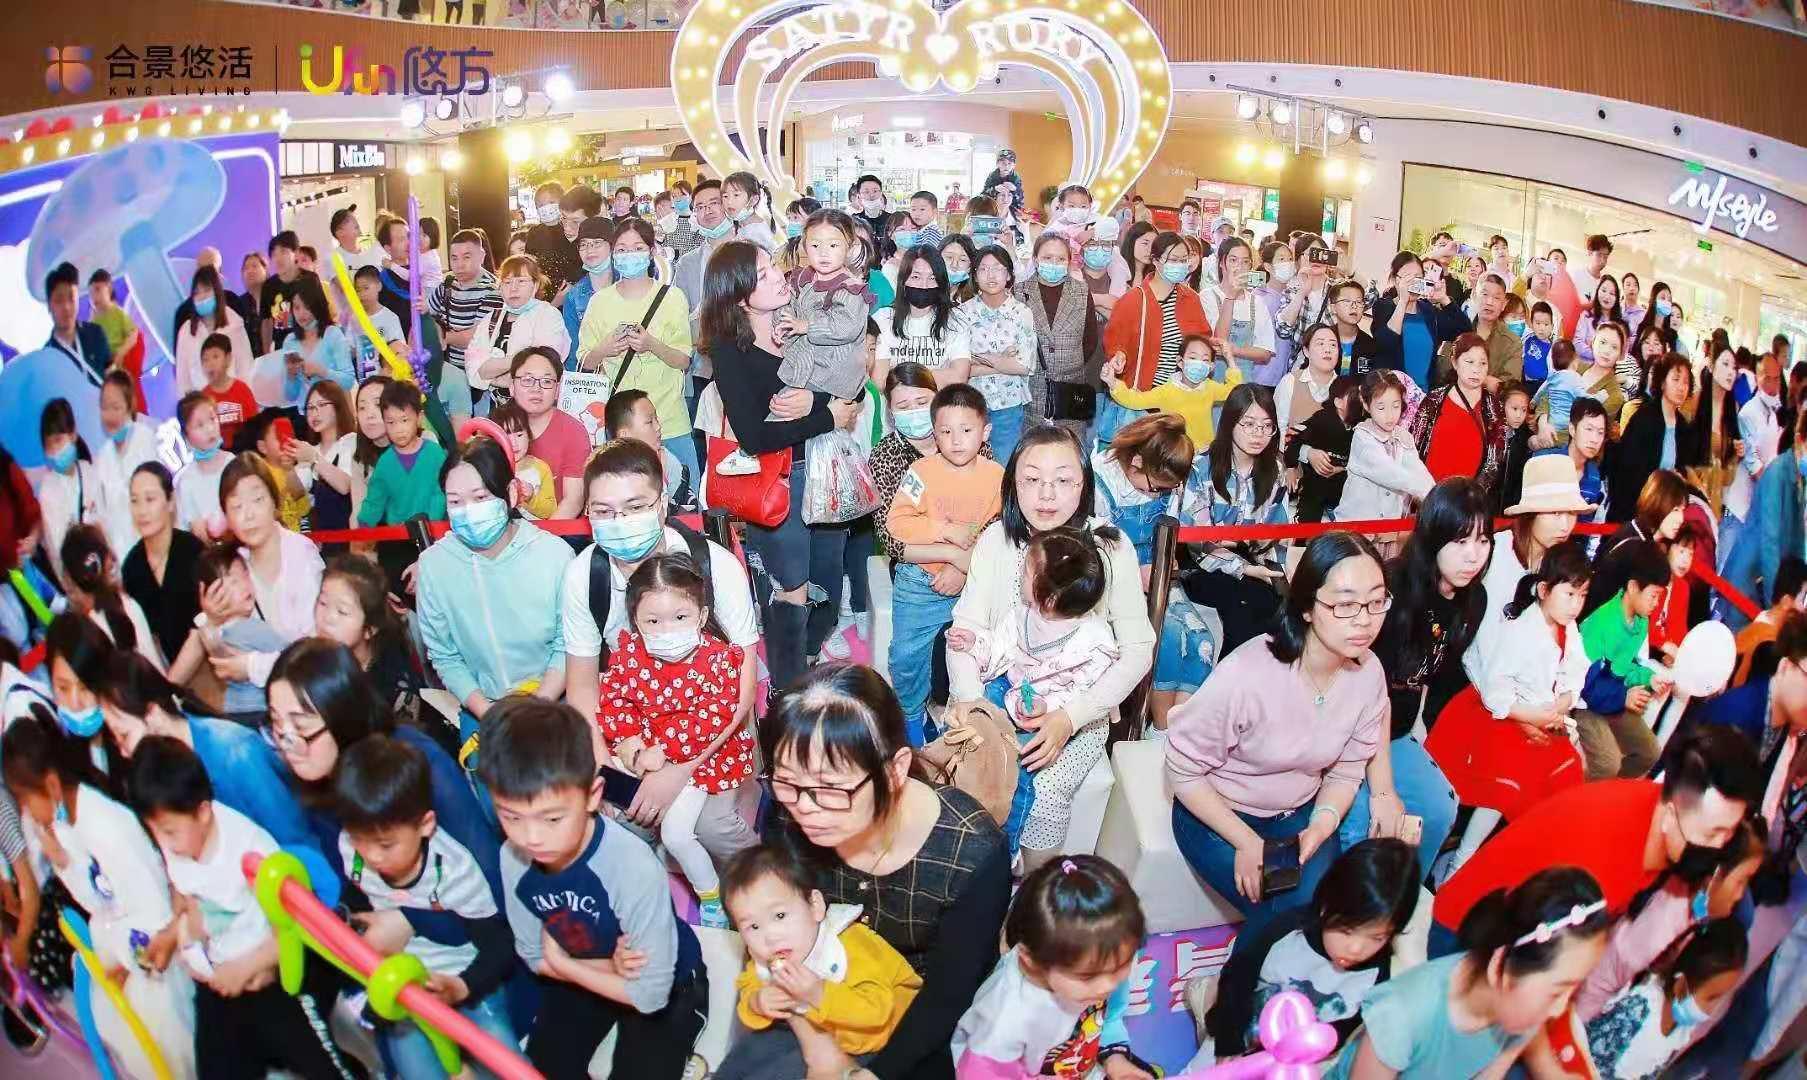 合景悠方(苏州)三周年庆,业绩客流双增长